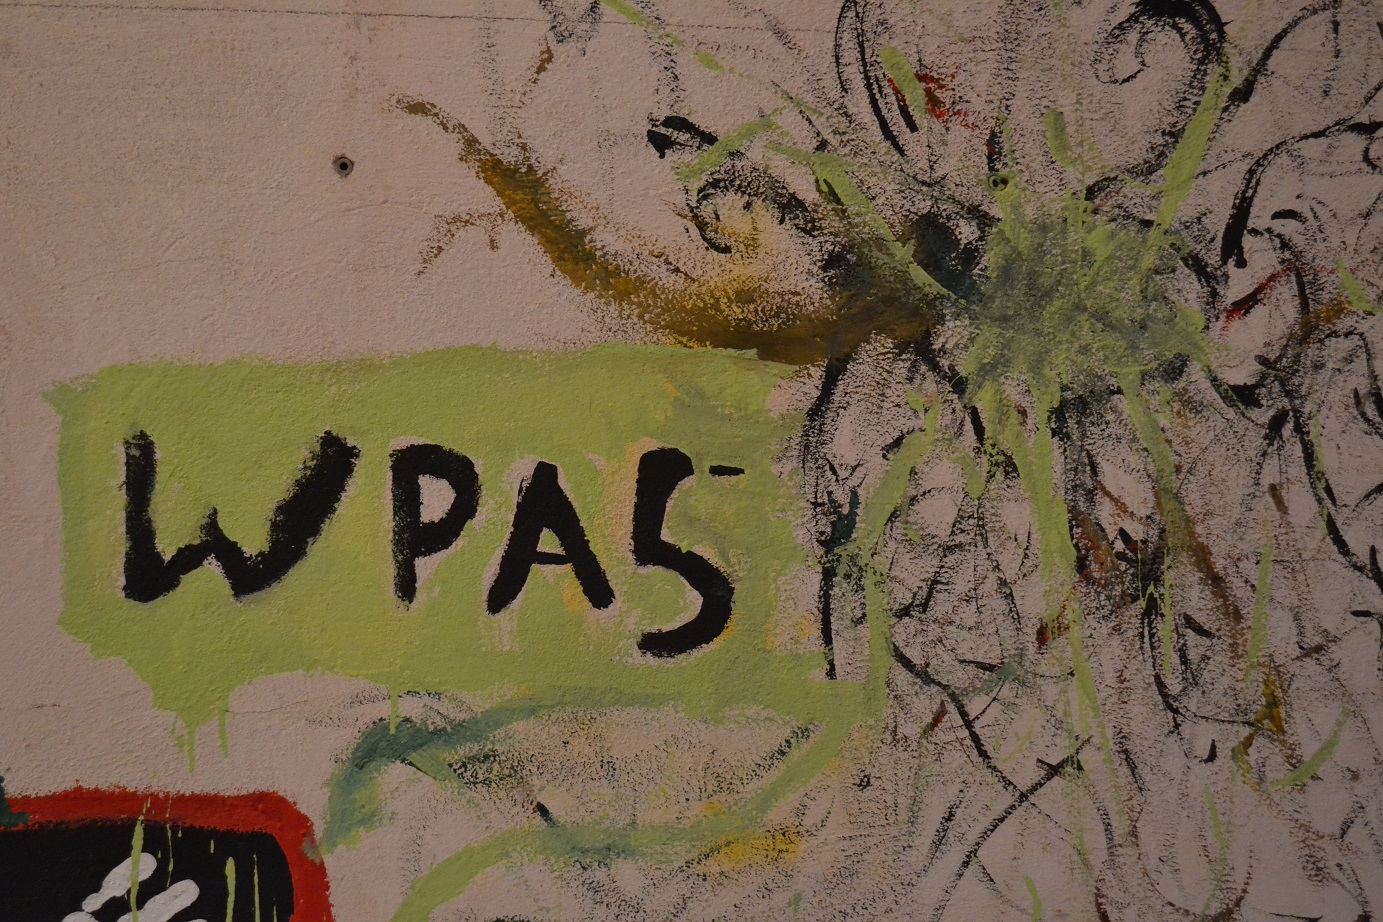 WPA5 - Wszelkie Przejawy Artyzmu (źródło: zdjęcie własne)